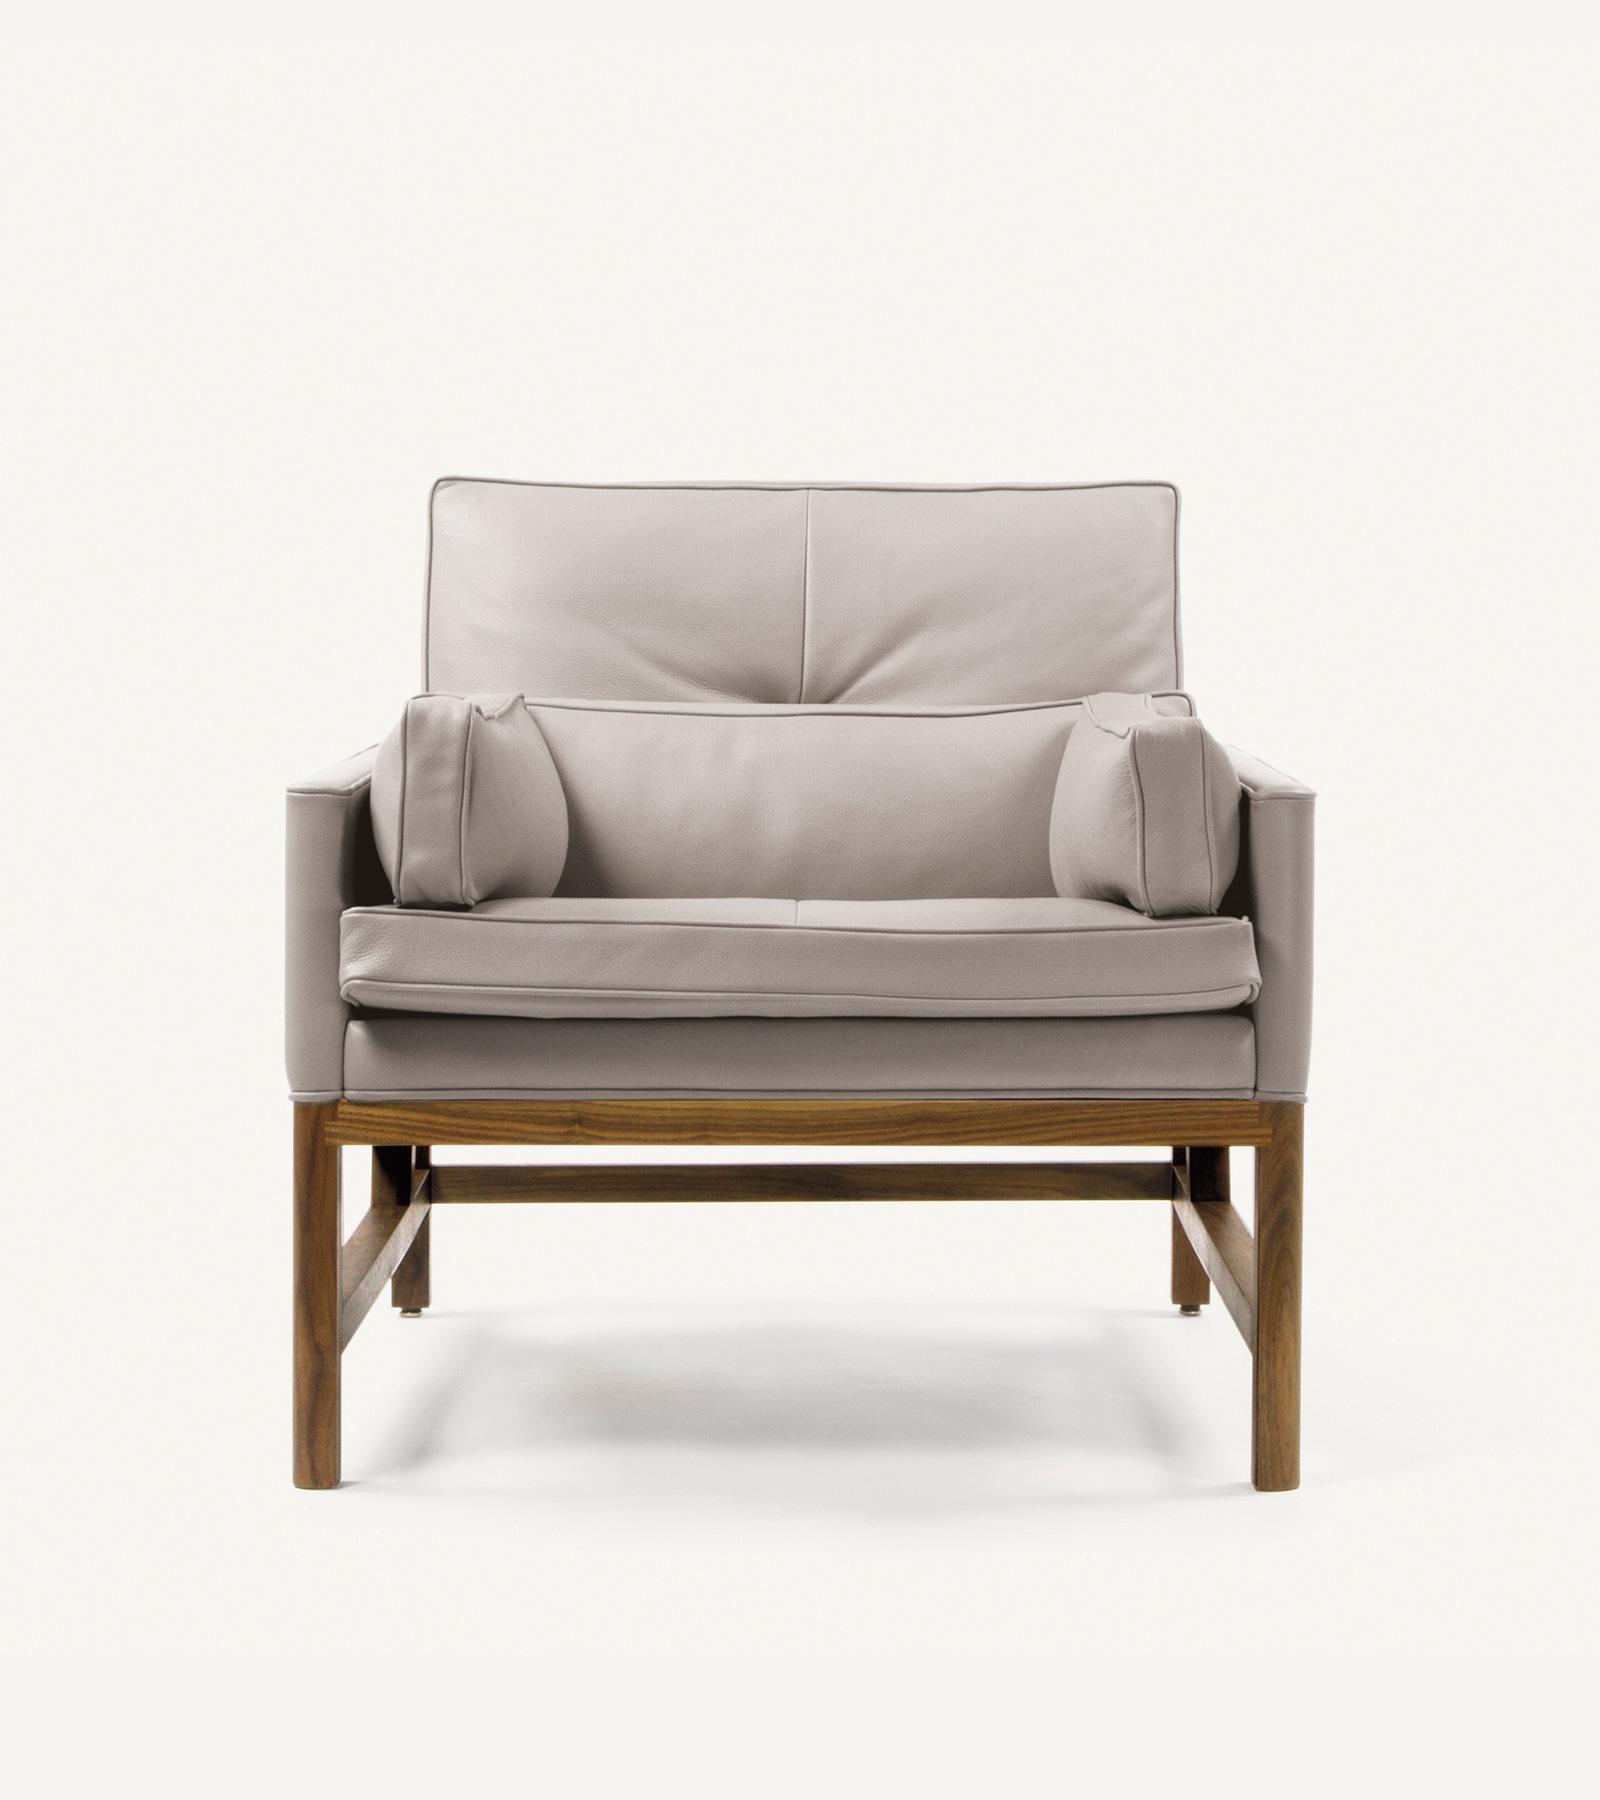 TinnappleMetz-bassamfellows-Wood-Frame-Lounge-Chair-02